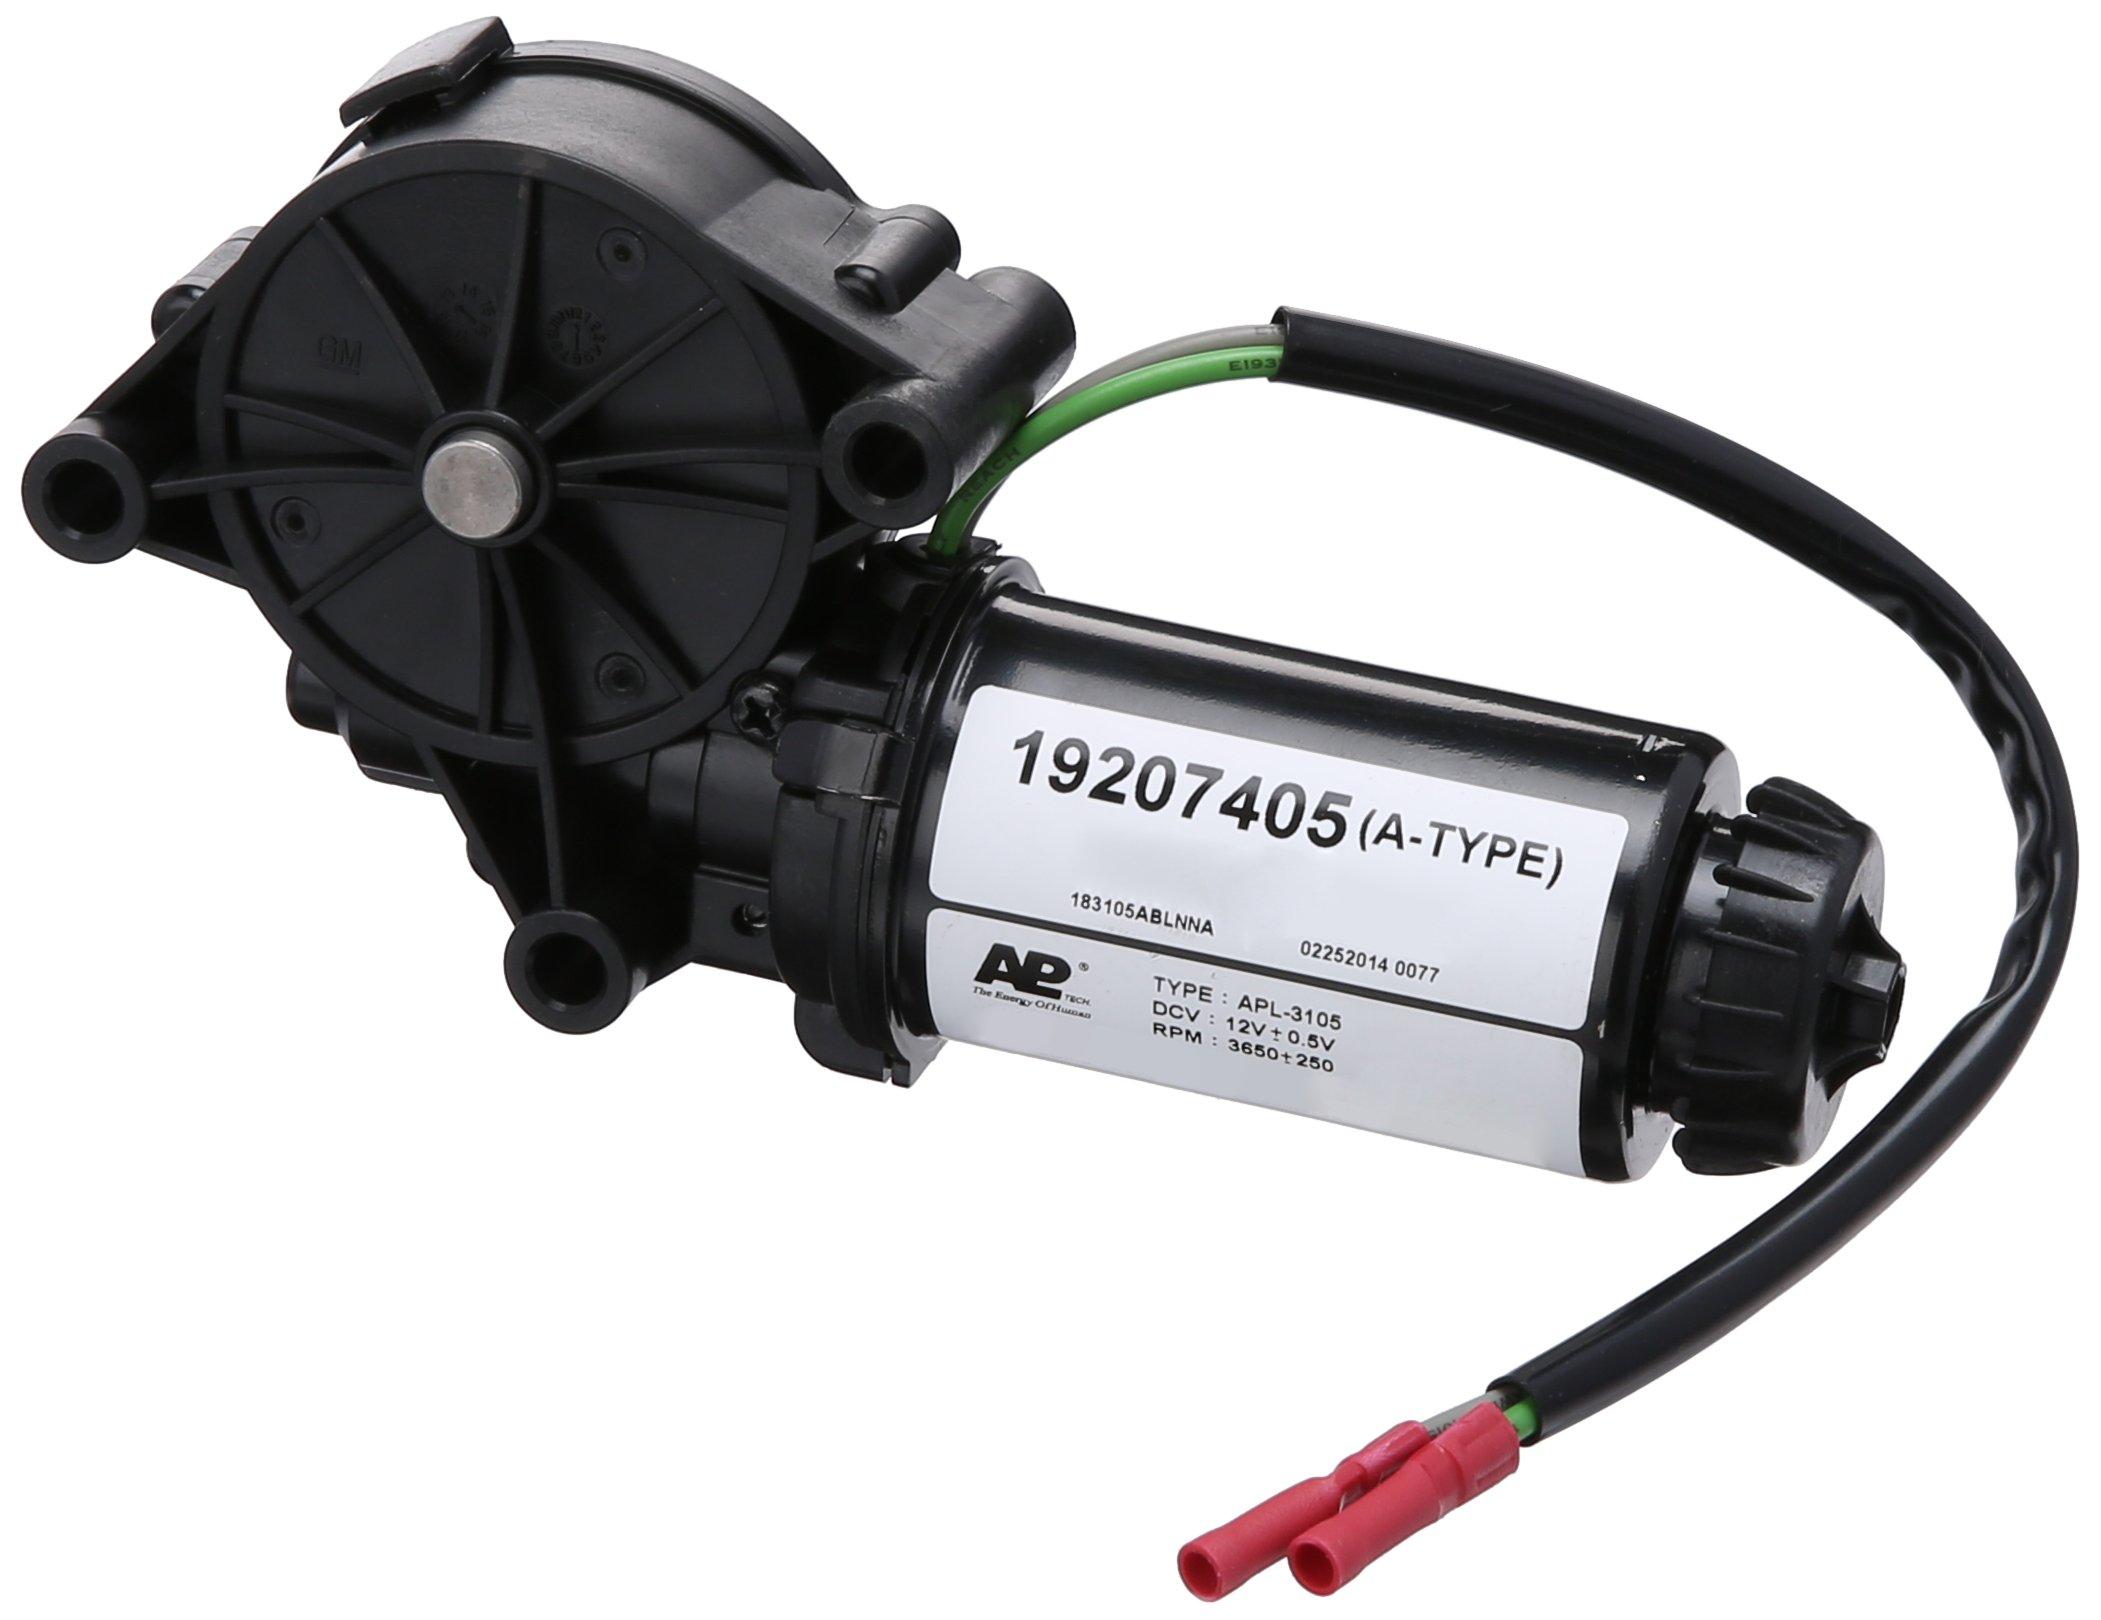 ACDelco 19207405 GM Original Equipment Driver Side Headlamp Actuator